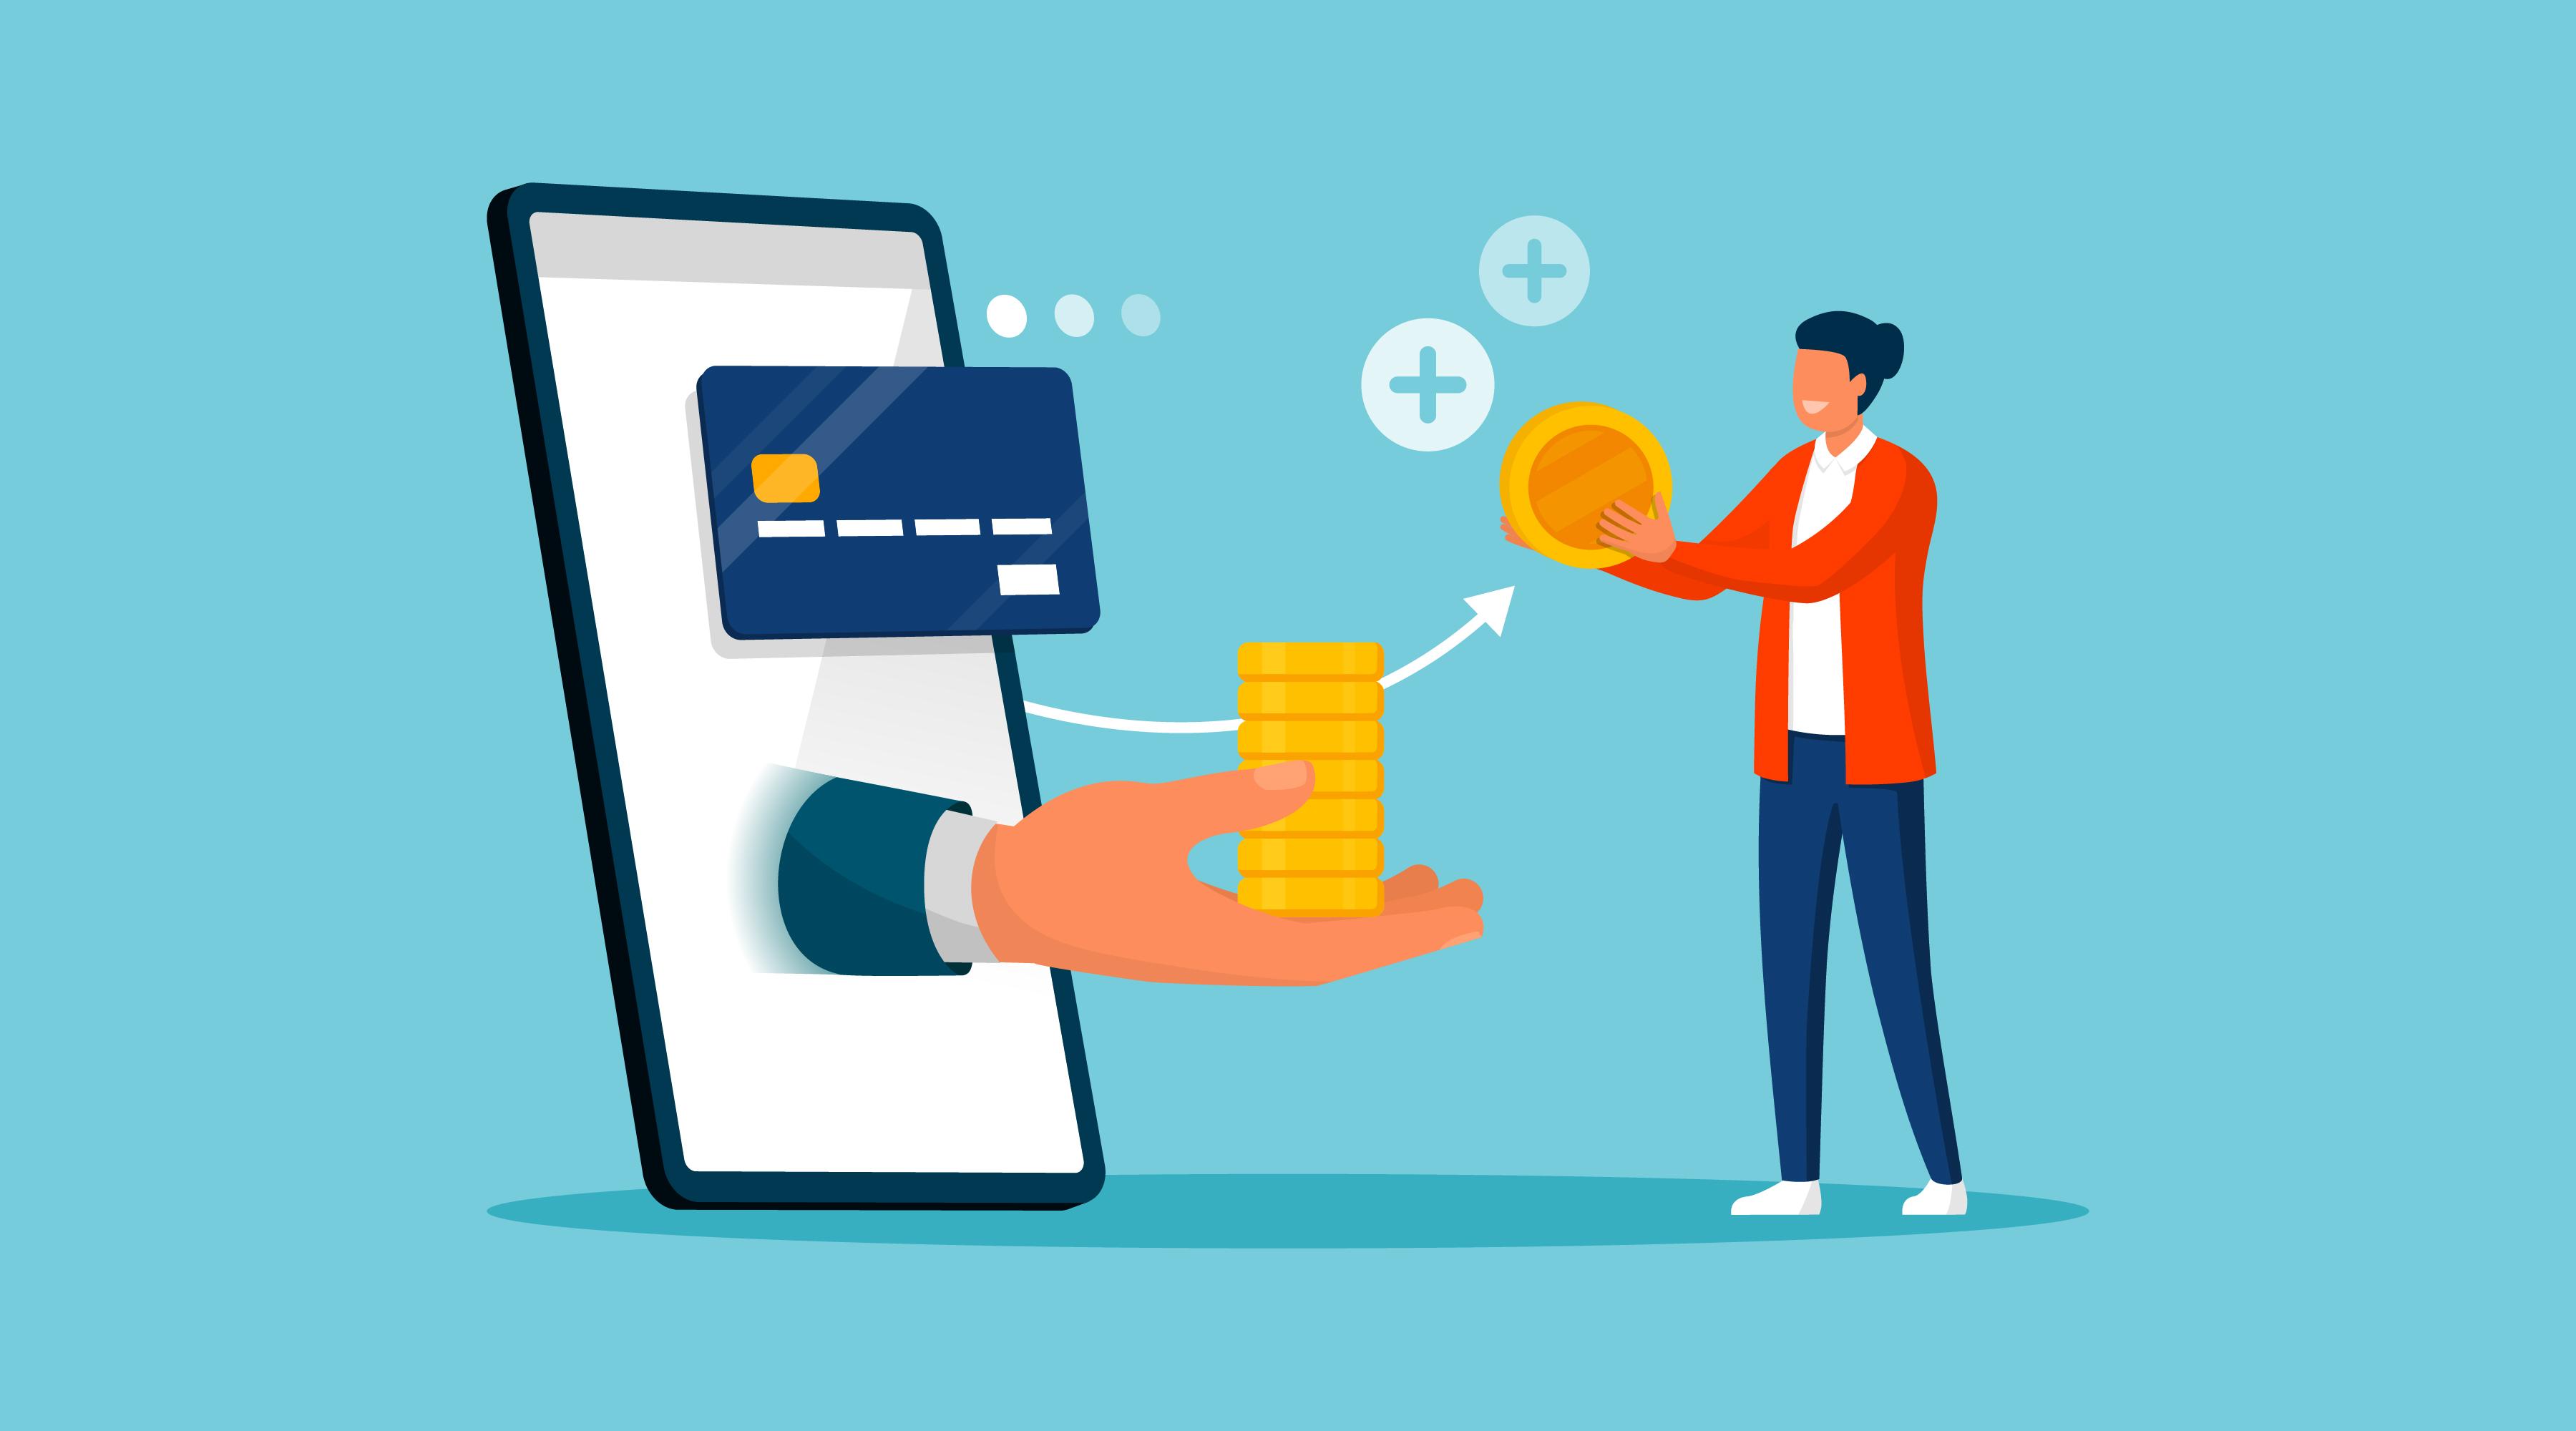 Matéria de Cashback - MBeD - Cliente recebendo dinheiro de volta